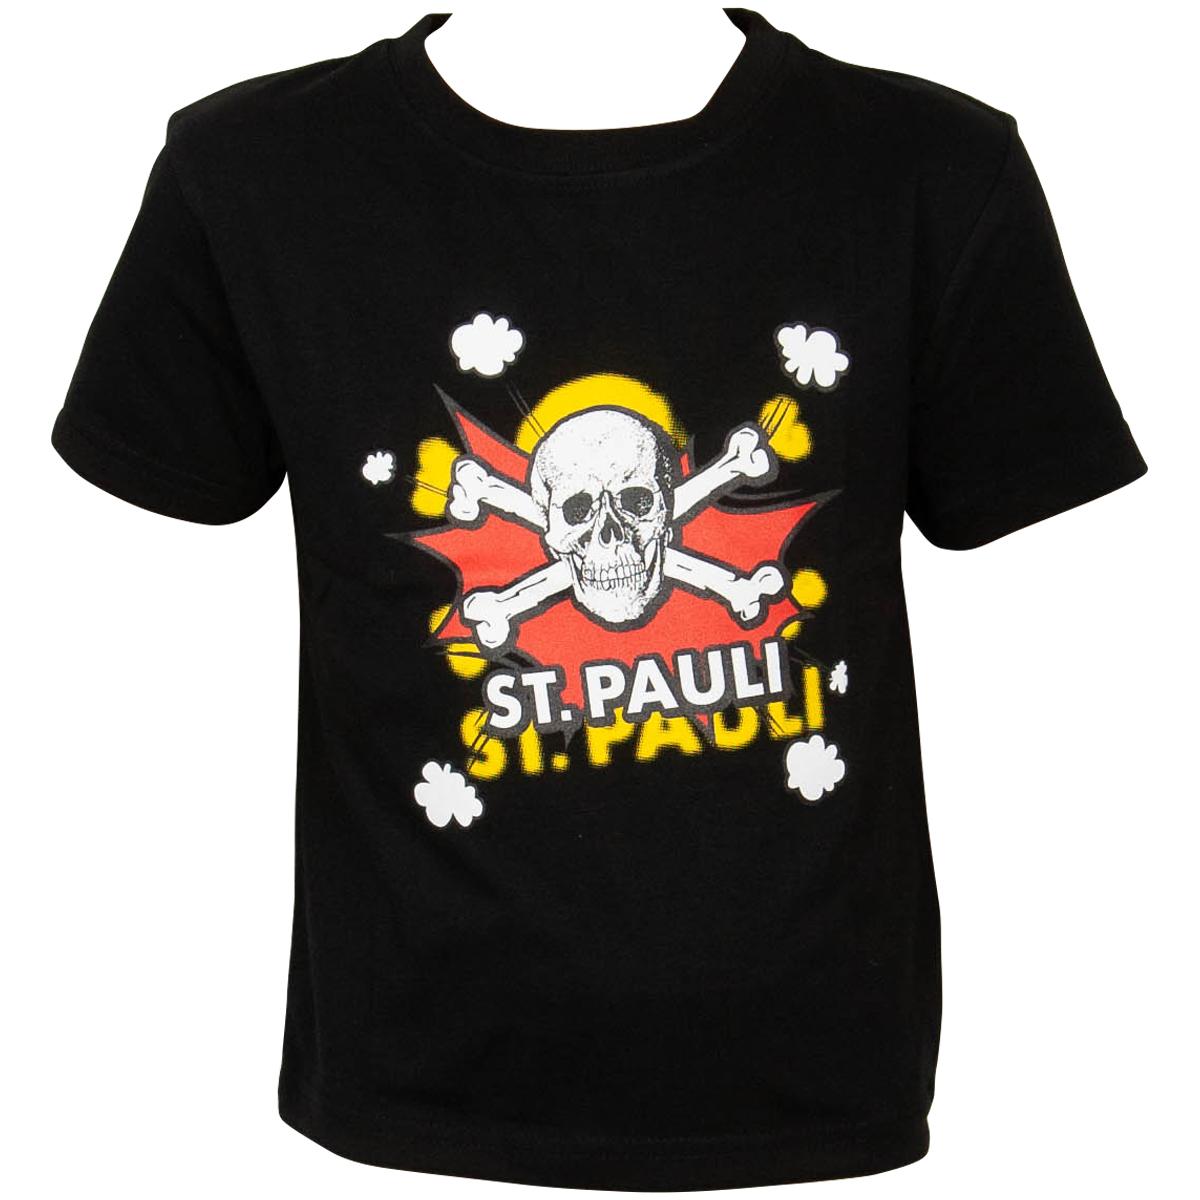 FC St. Pauli - Kinder T-Shirt Totenkopf Pow Schwarz-Rot - schwarz